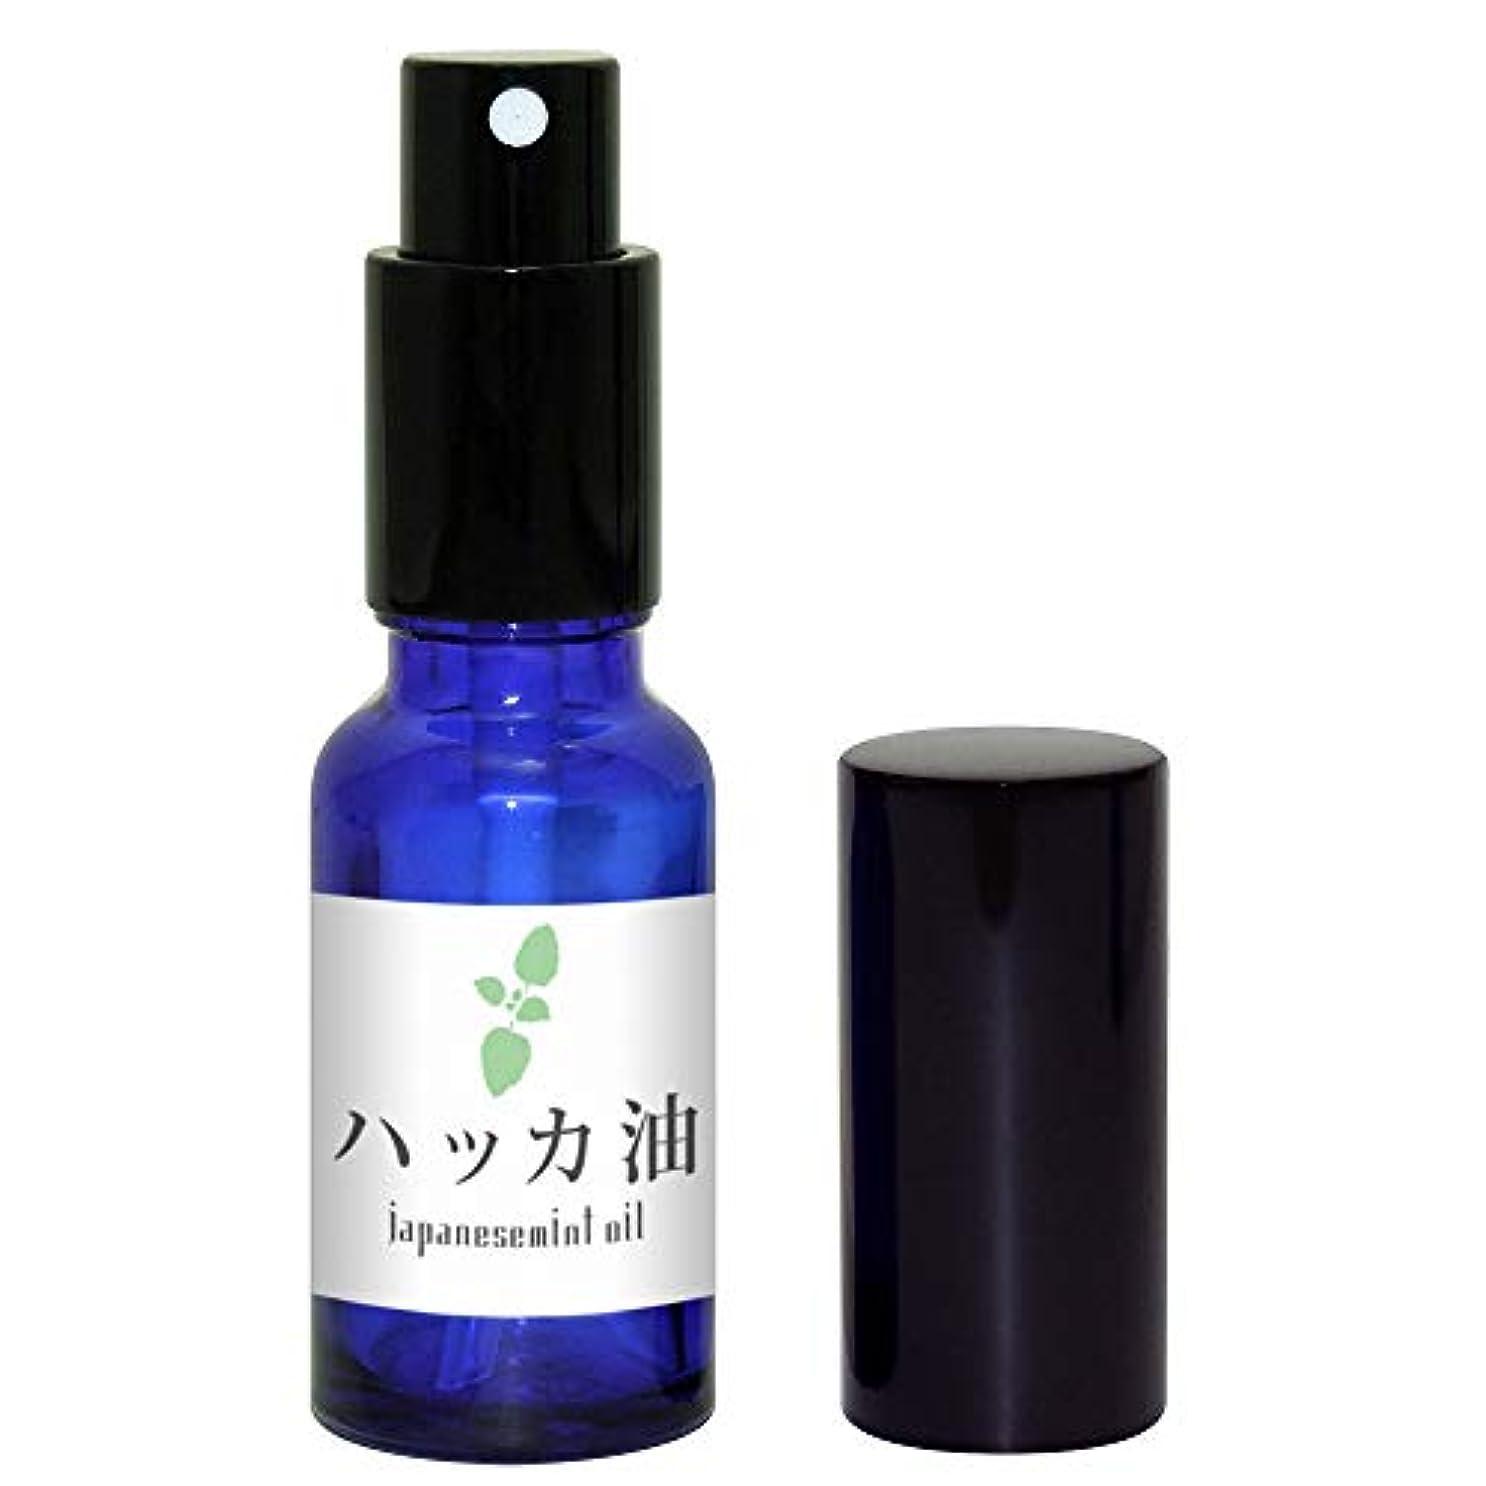 葡萄爆発するシーンガレージゼロ ハッカ油 (スプレー瓶入20ml)